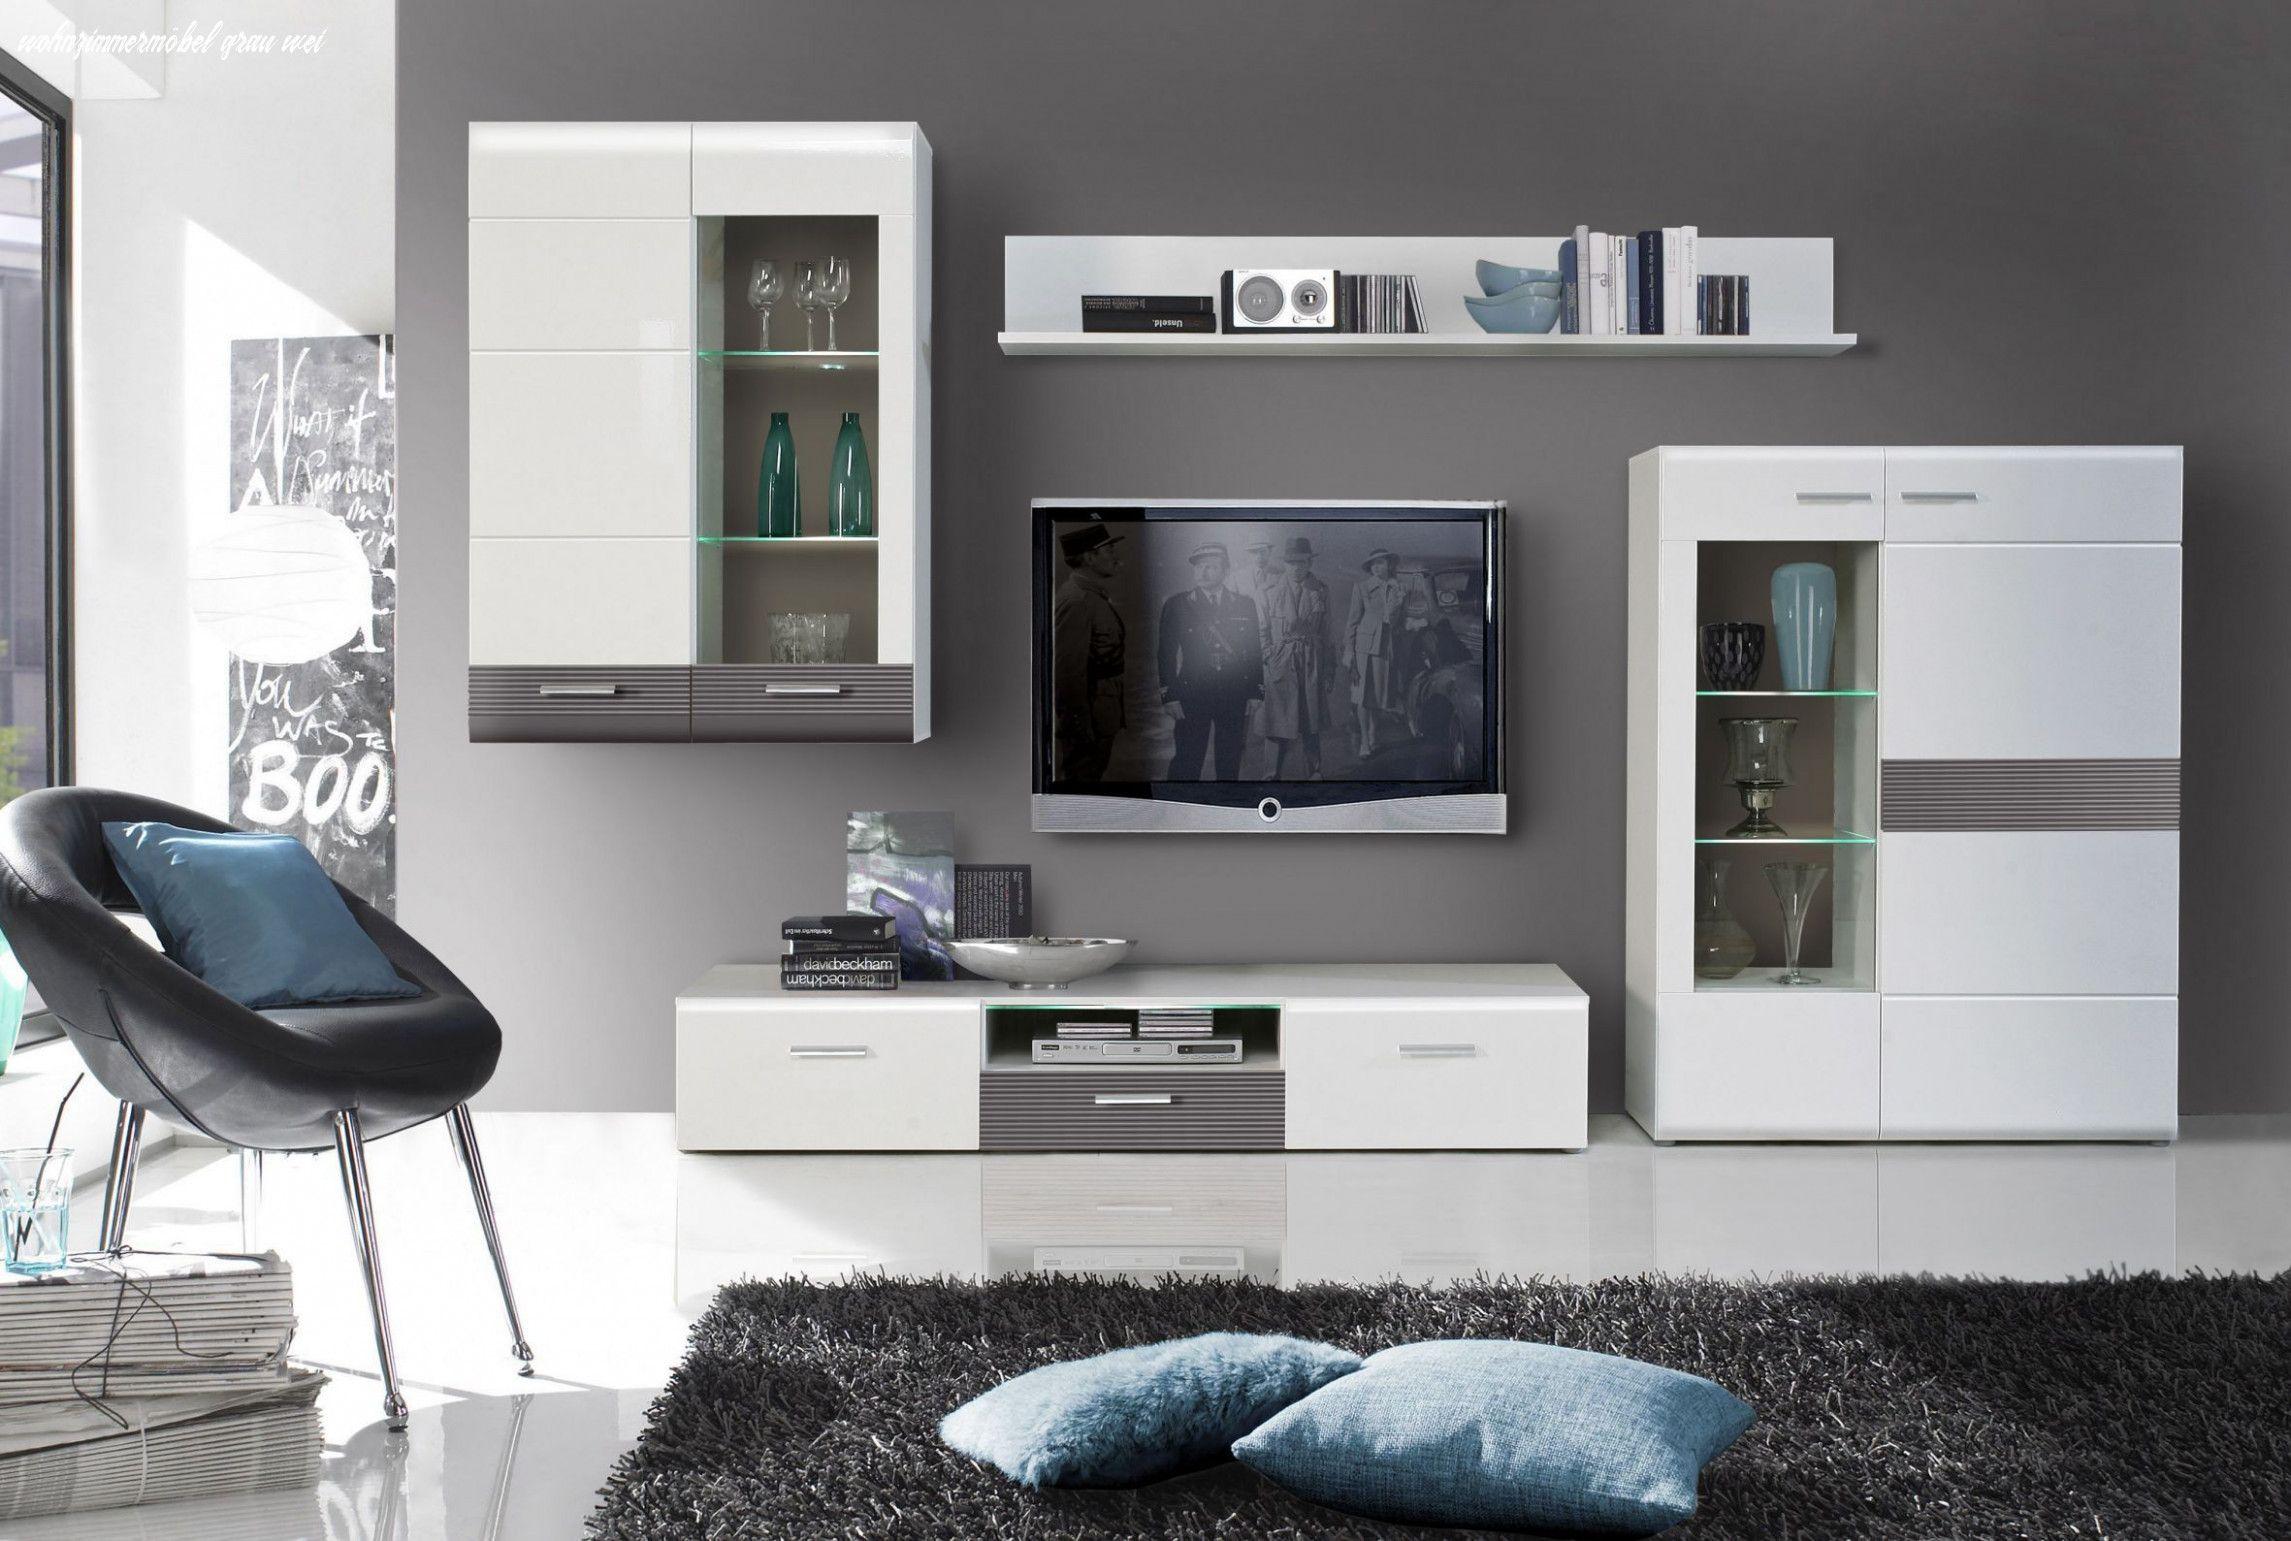 Zehn Schnelle Tipps Für Wohnzimmermöbel Grau Weiß in 8